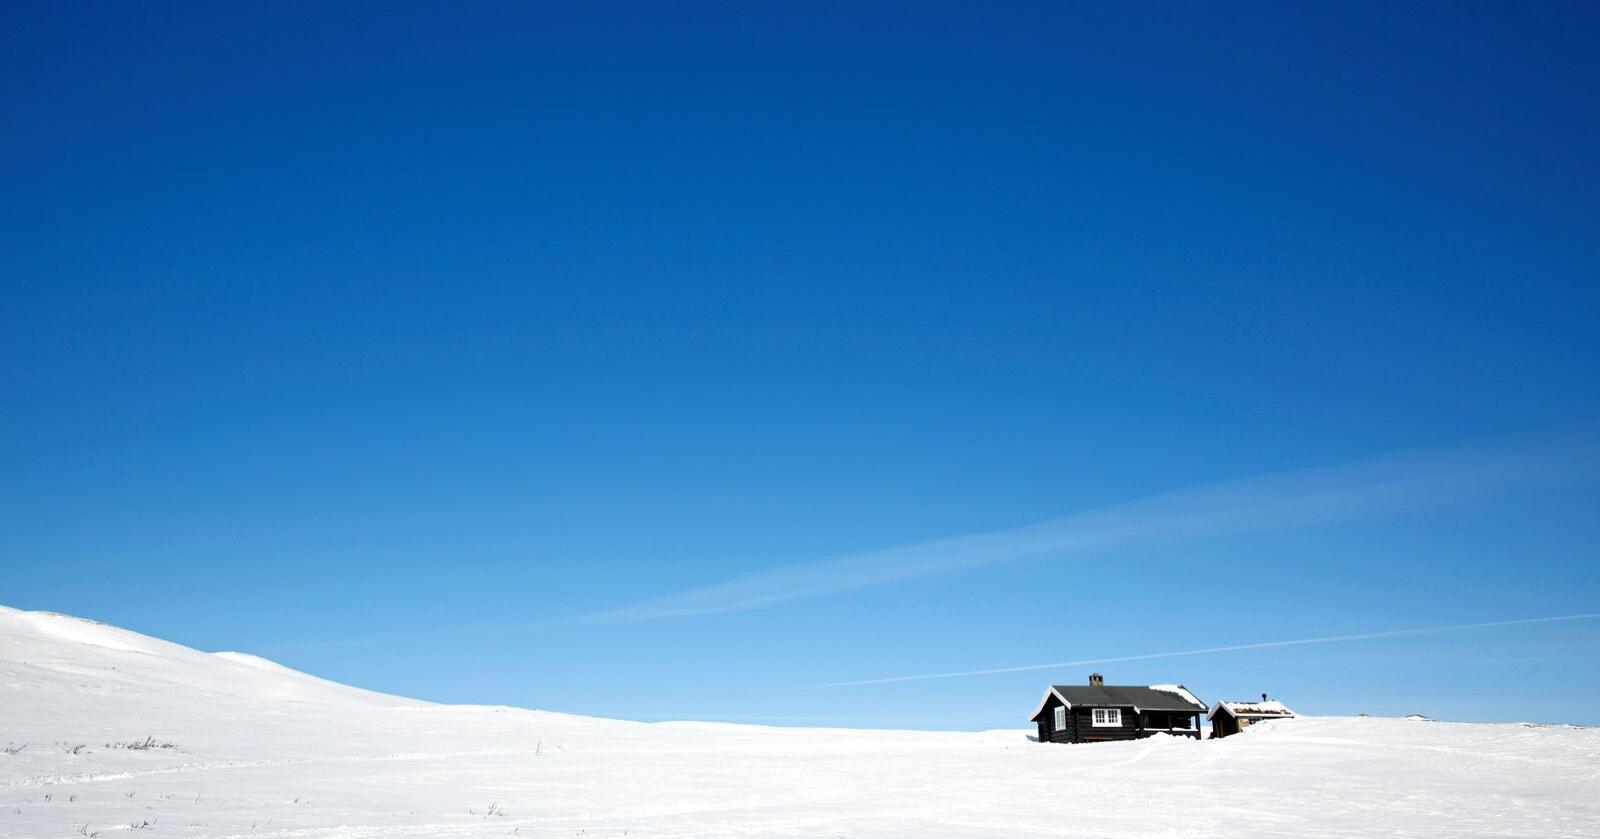 Hyttefolket som vanlegvis skulle ha sett seg i bilen og køyrt til Geilo neste helg må bli heime i år. Foto: Tore Meek / NTB scanpix